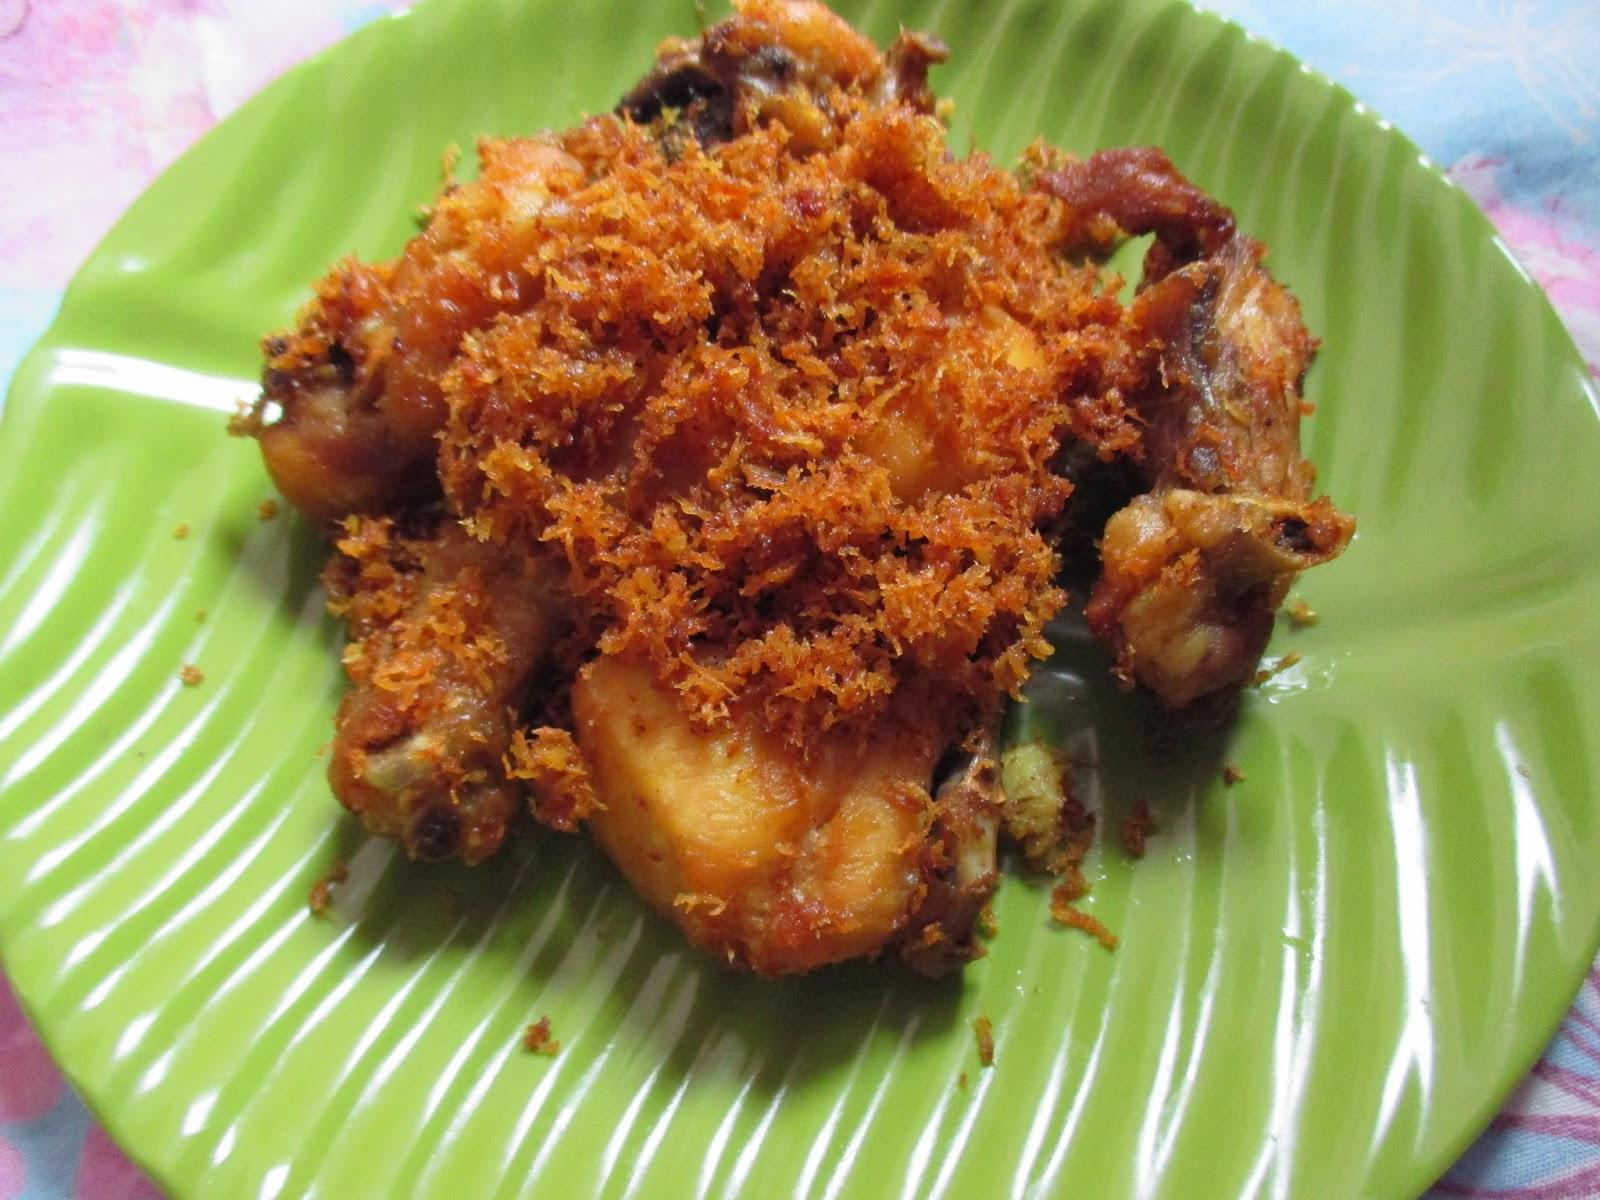 Cara Membuat Ayam Serundeng Goreng Gurih Dan Sedap Resep Masakan Indonesia